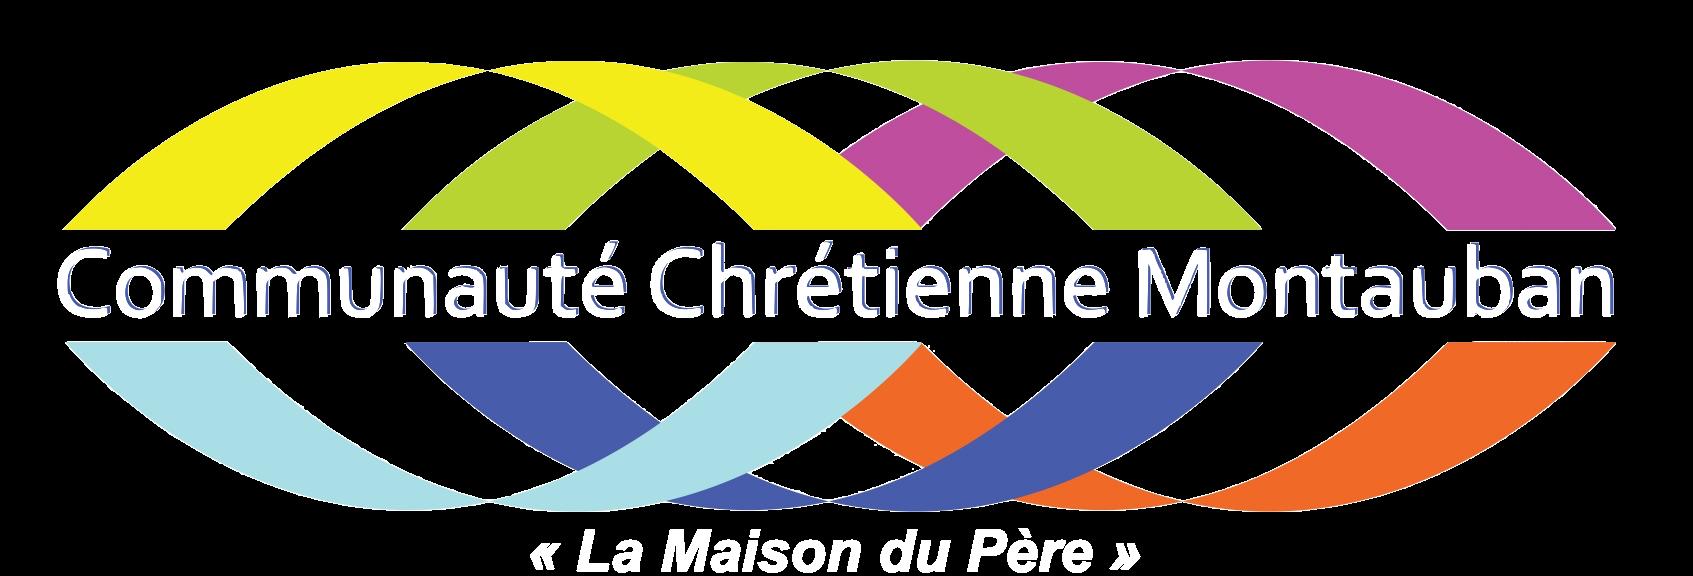 Communauté Chrétienne Montauban